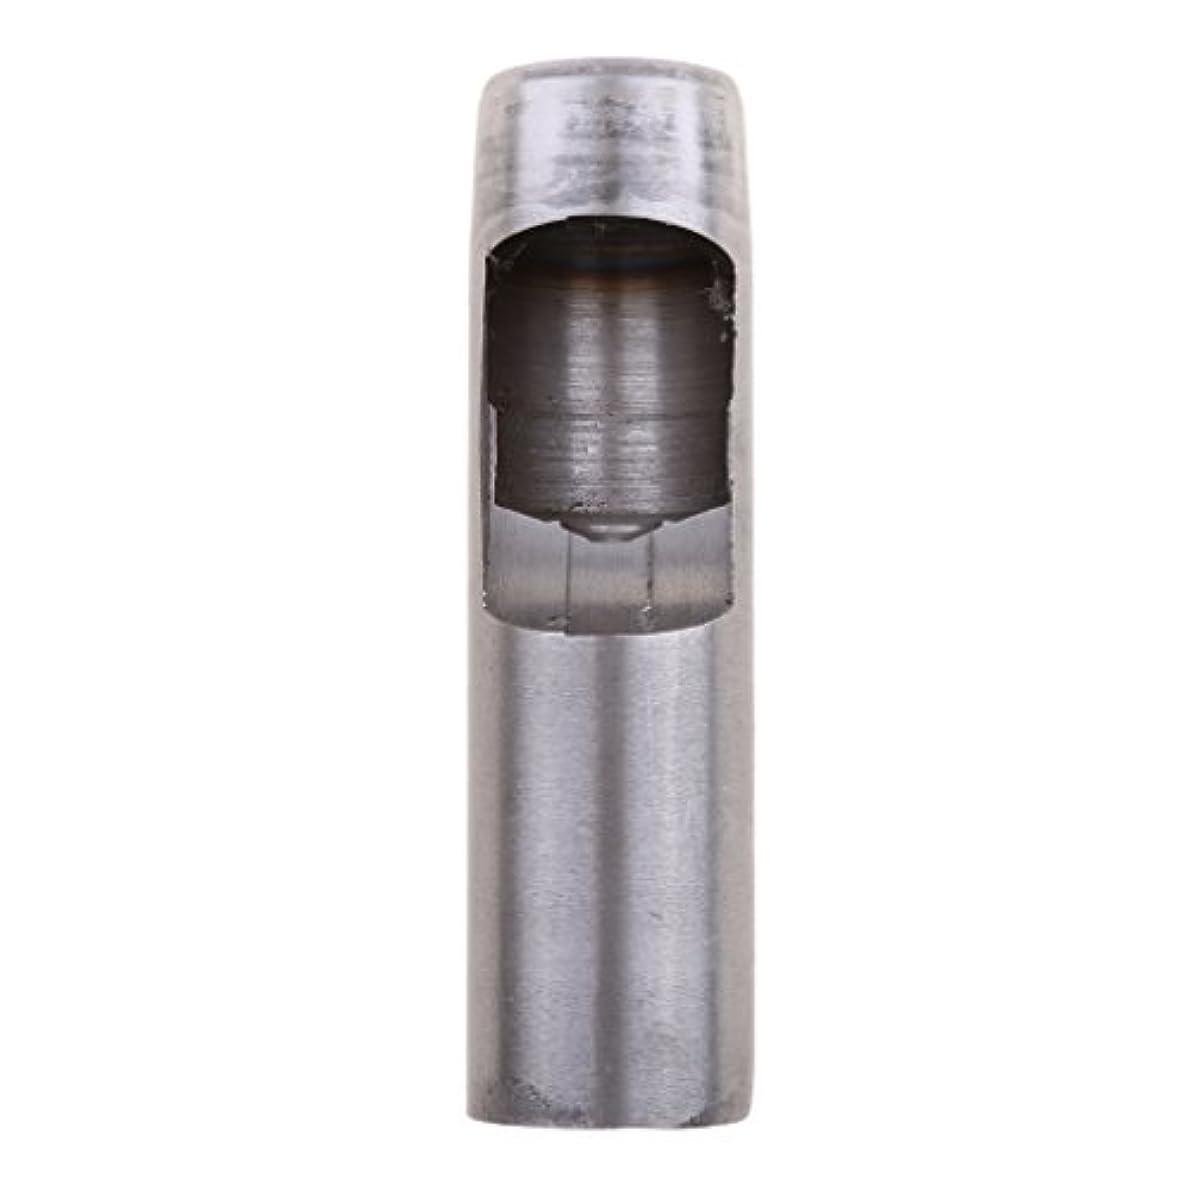 資料コミットグラフィックレザー穴あけパンチ 全38サイズ選択 穴あけポンチ  ラウンド 炭素鋼 レザークラフト   - 28mm